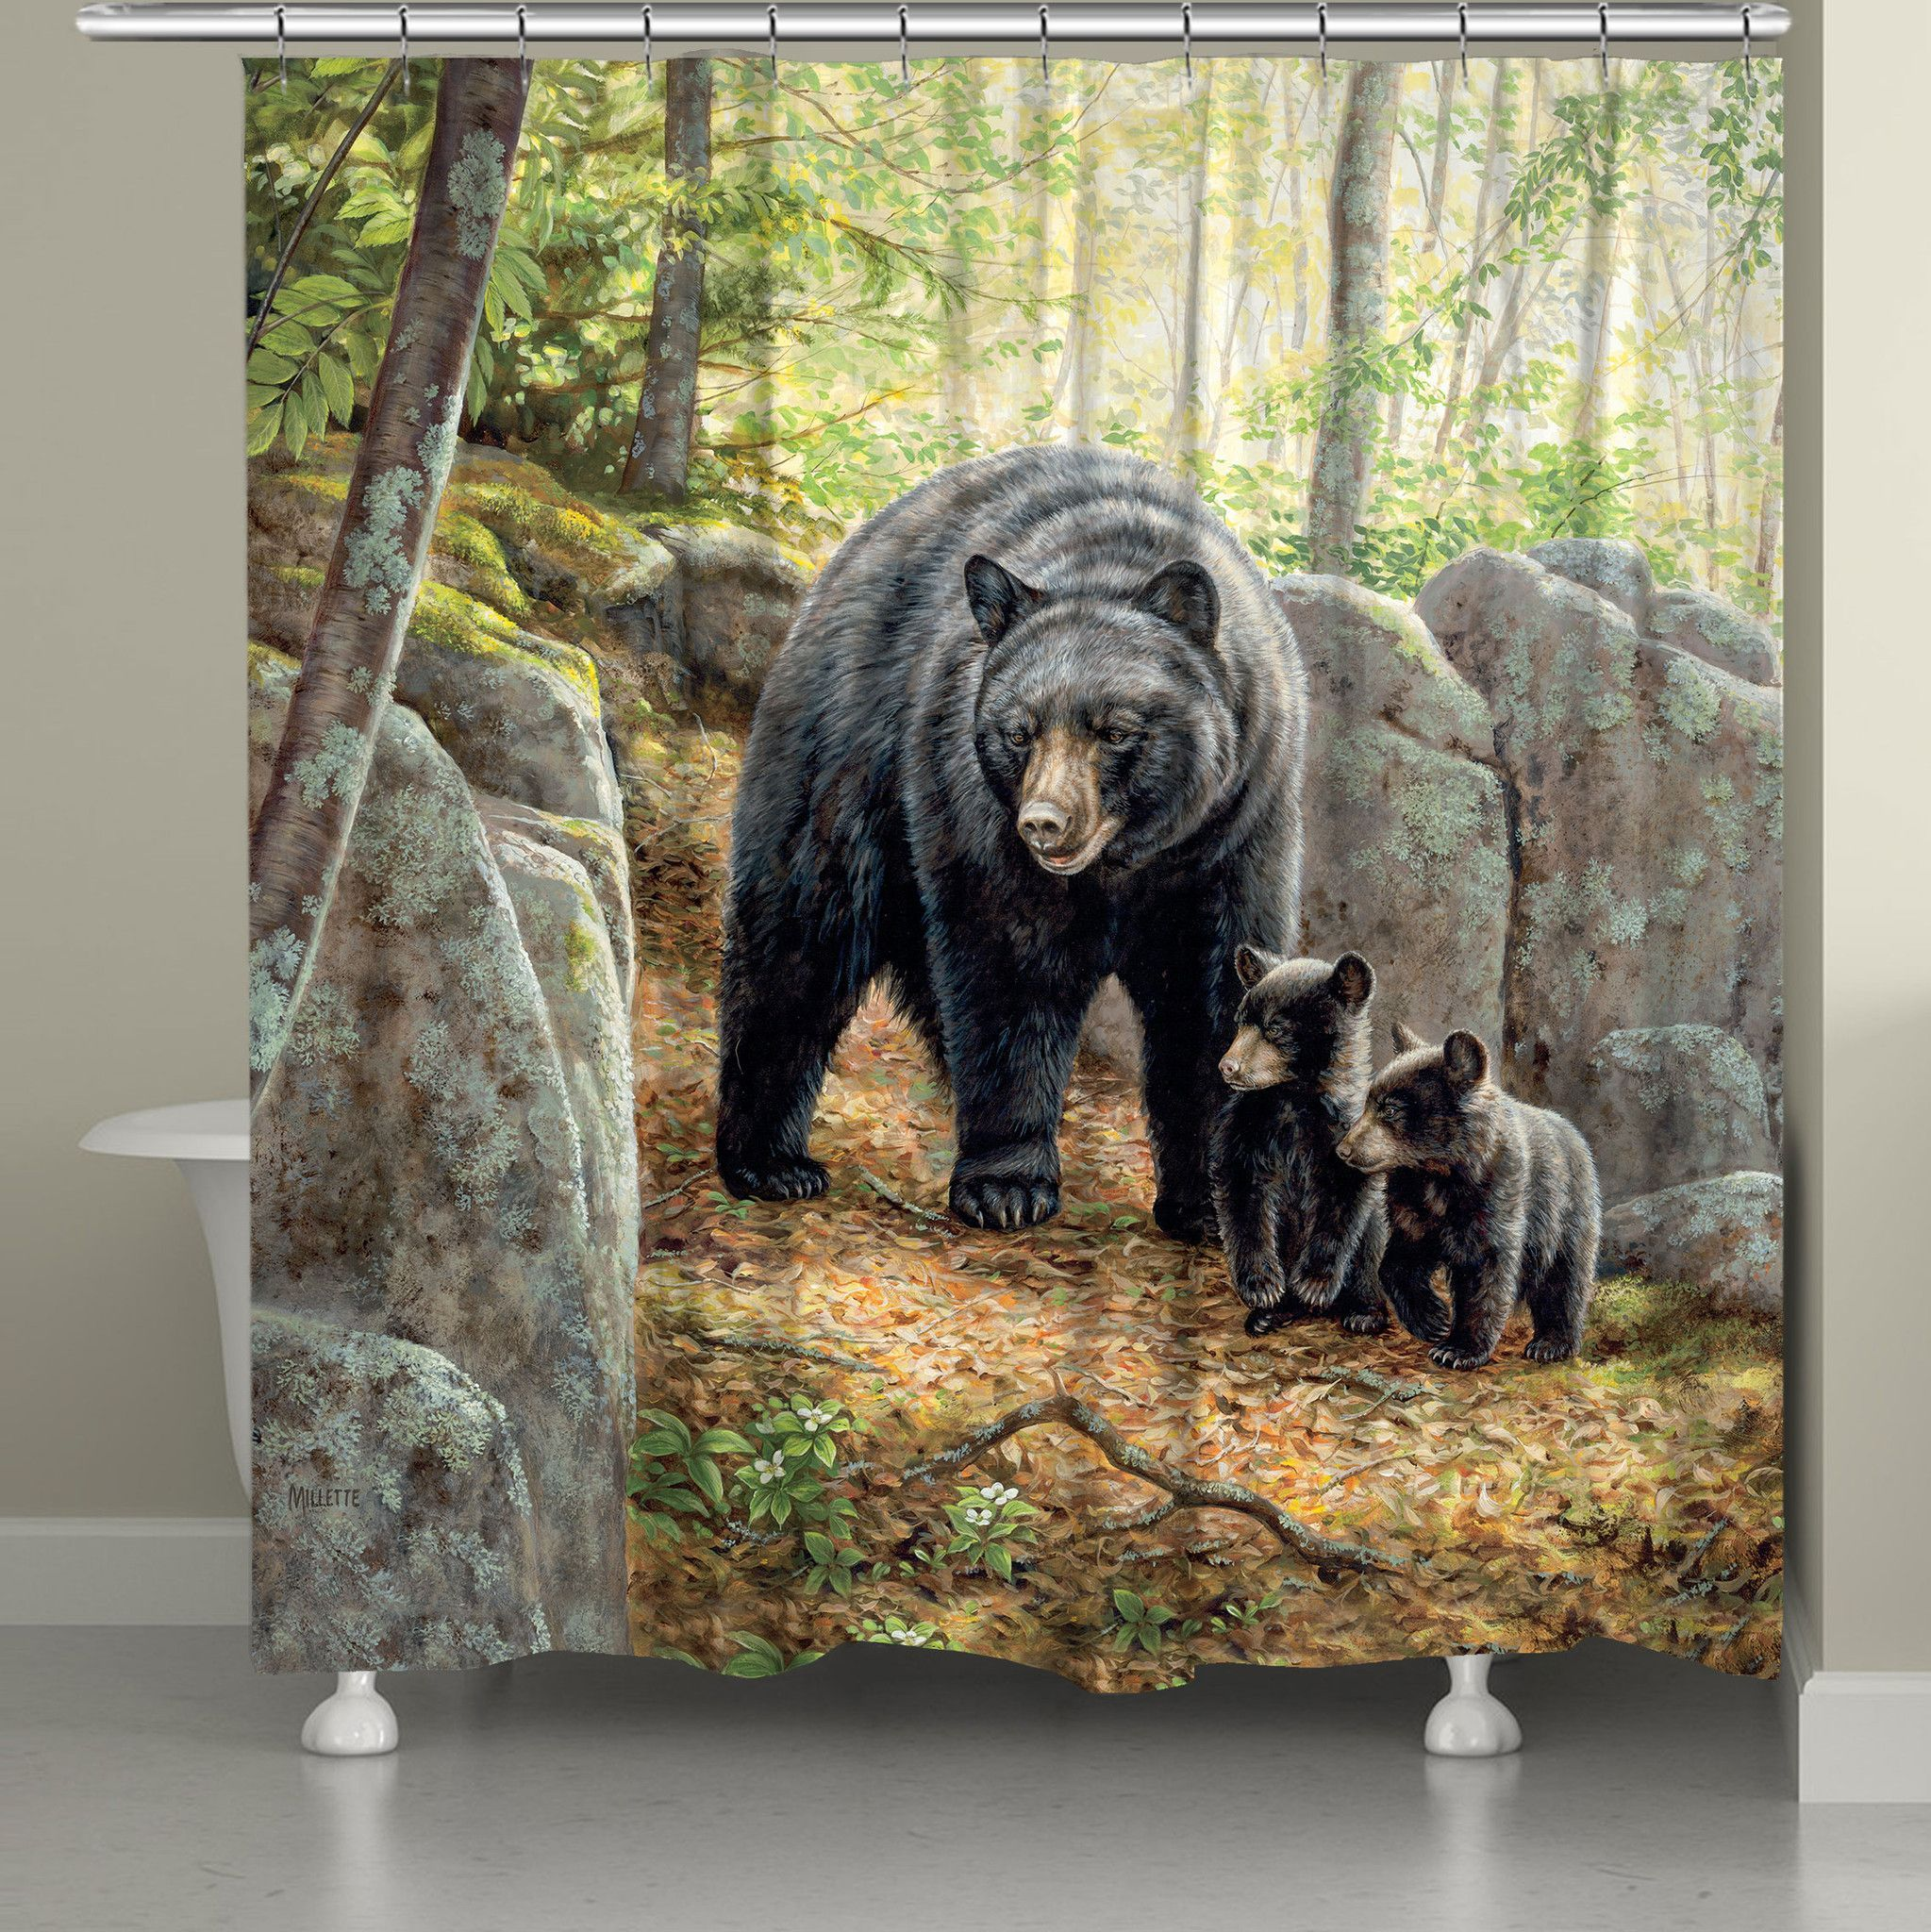 Black Bear With Cubs Shower Curtain Black Bear Decor Black Bear